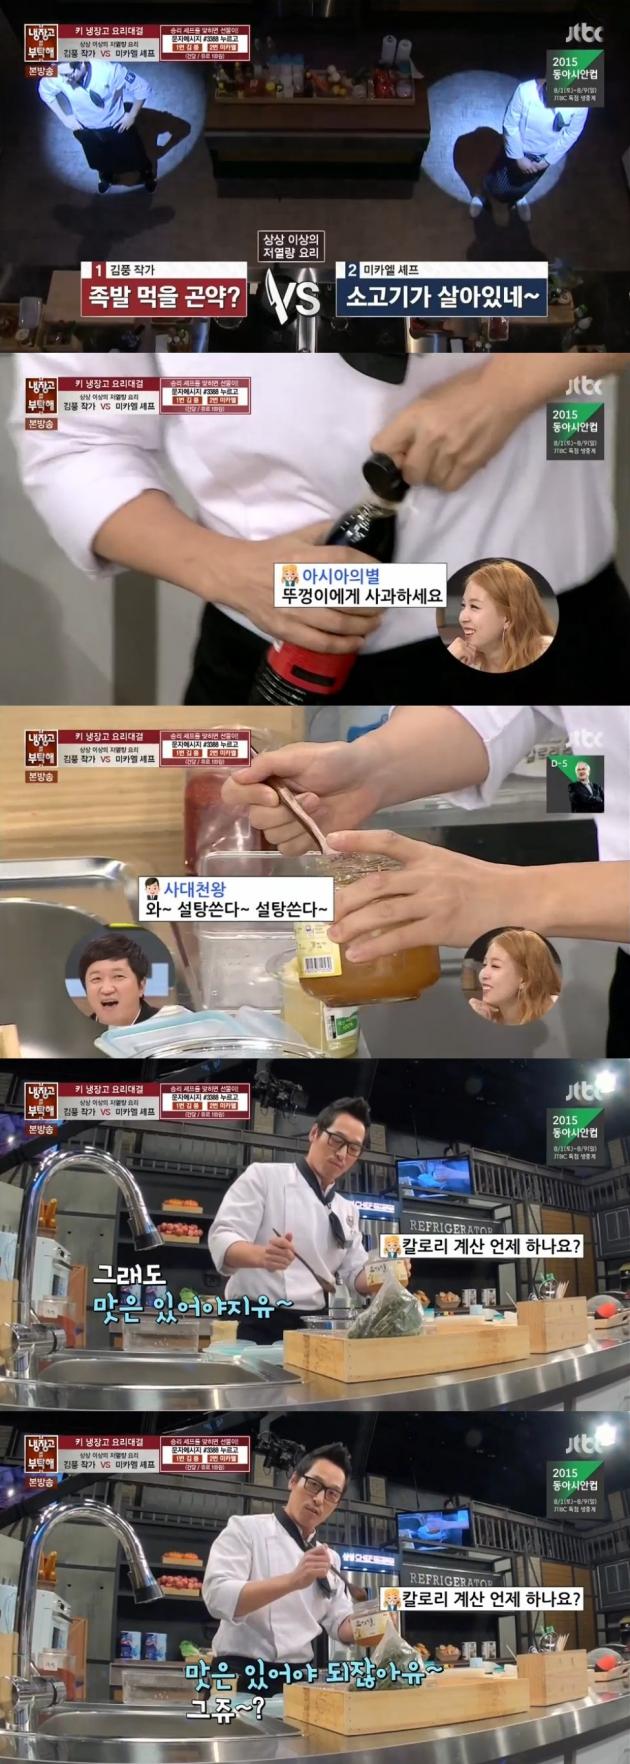 냉장고를 부탁해 / 냉장고를 부탁해 사진=JTBC 방송 캡처